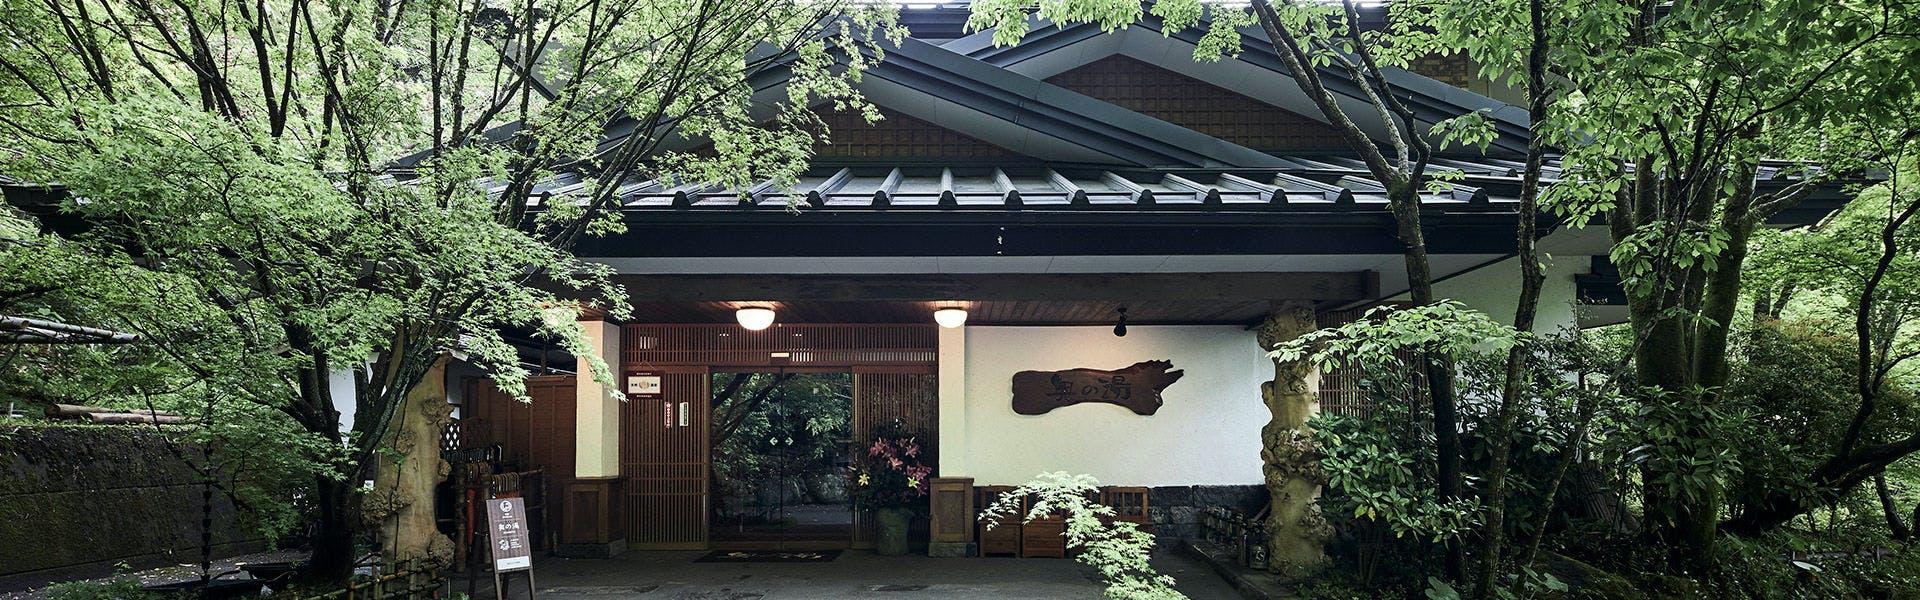 記念日におすすめのホテル・黒川温泉 旅館 奥の湯の写真1